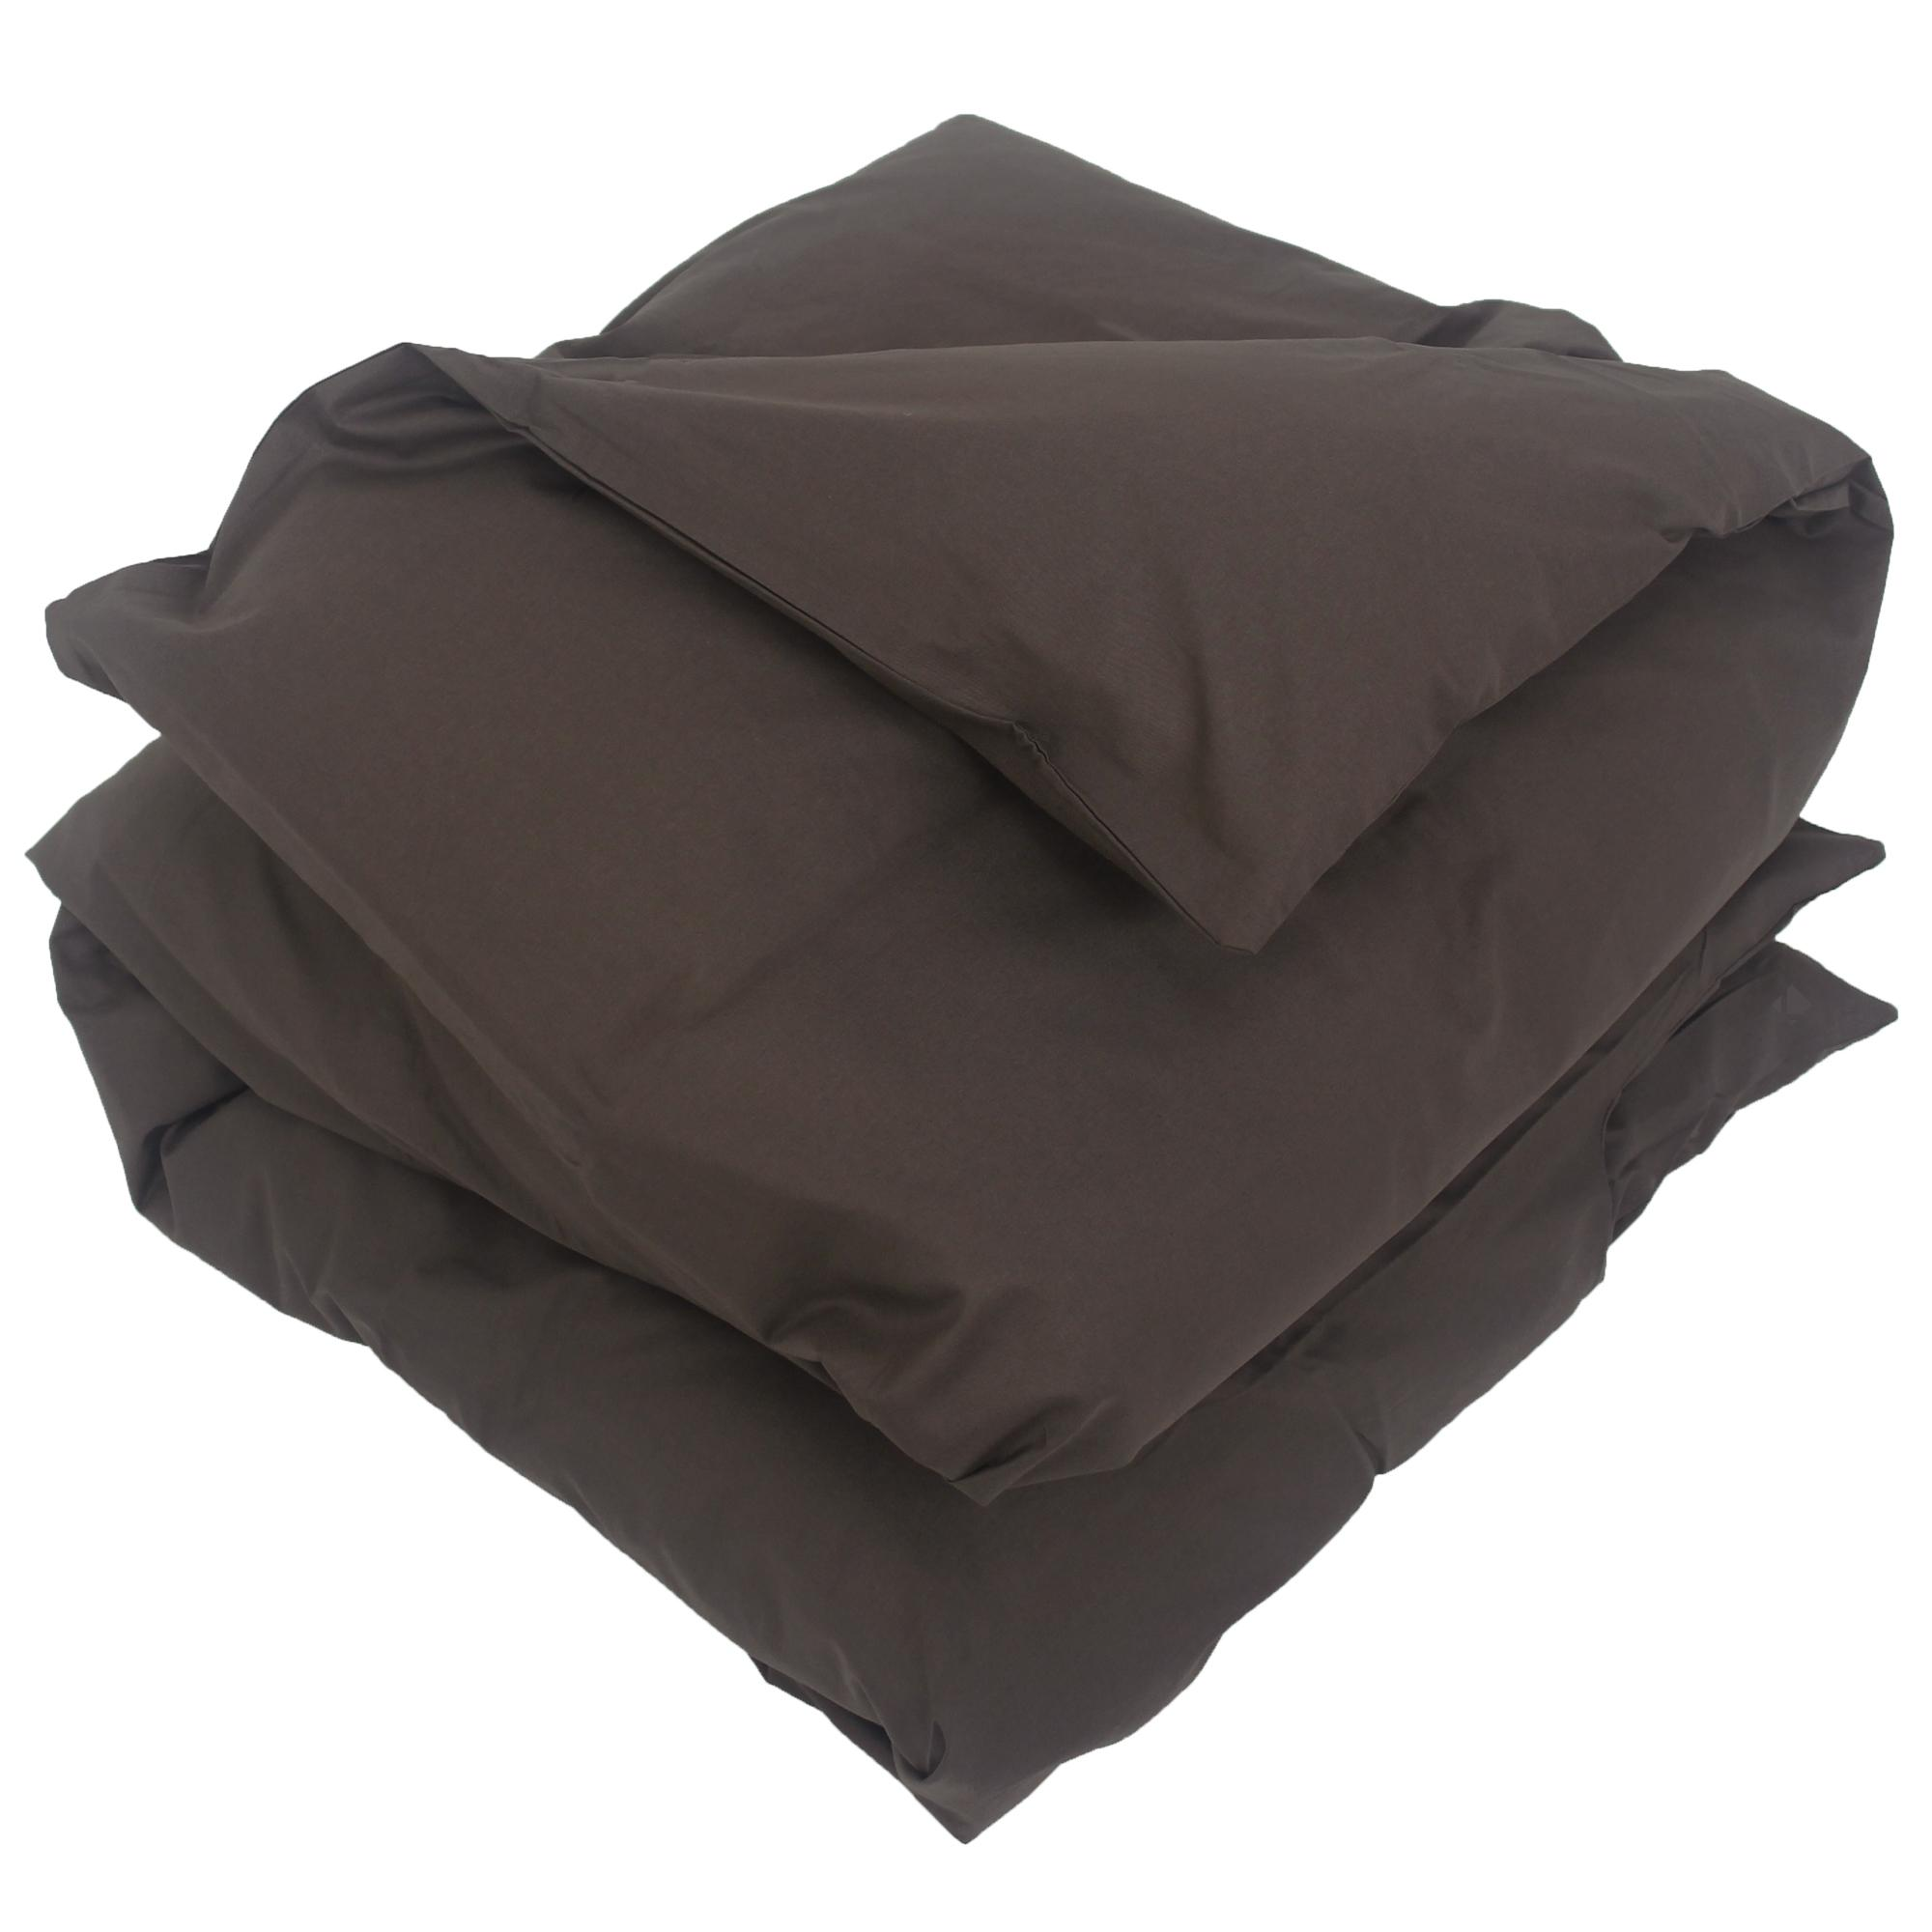 housse de couette 300x240cm uni pur coton alto marron mangan se linnea linge de maison et. Black Bedroom Furniture Sets. Home Design Ideas